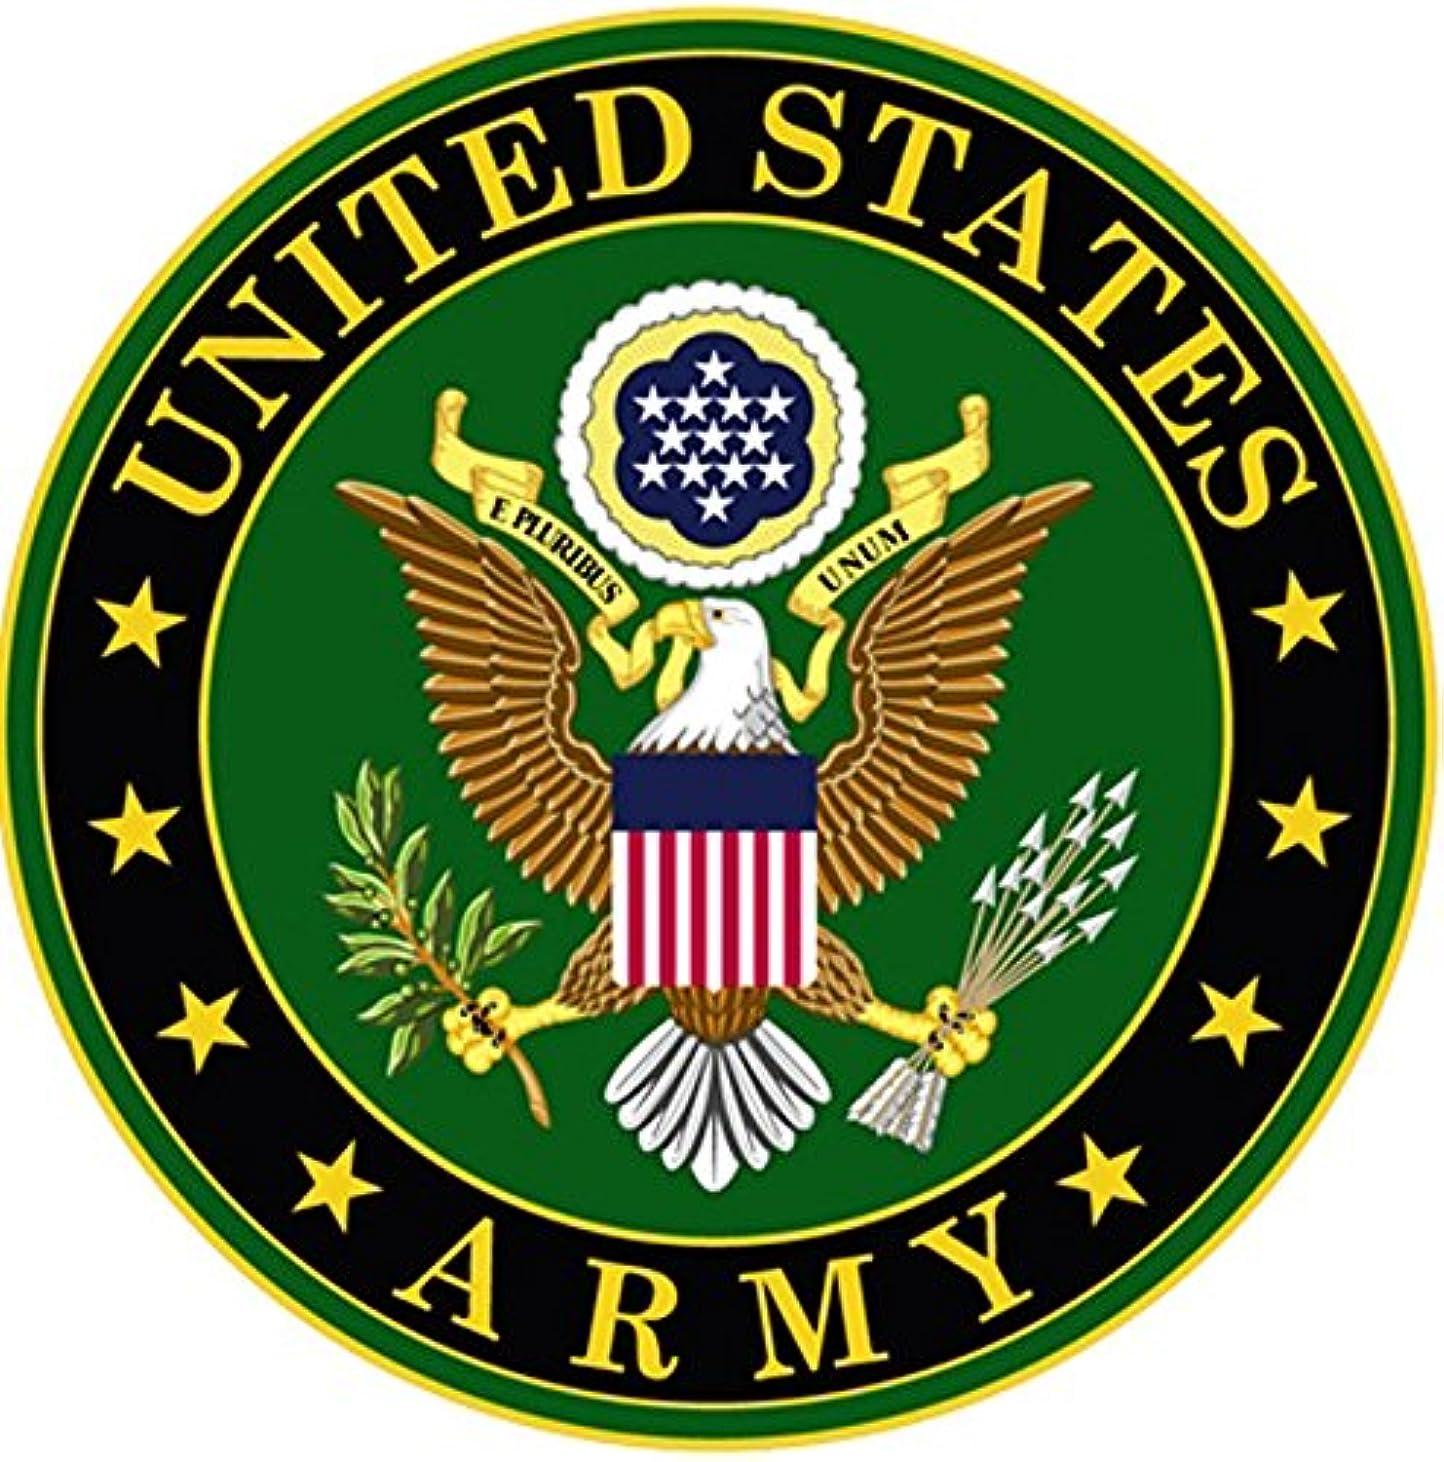 Application Army Logo Patch yufoc710991